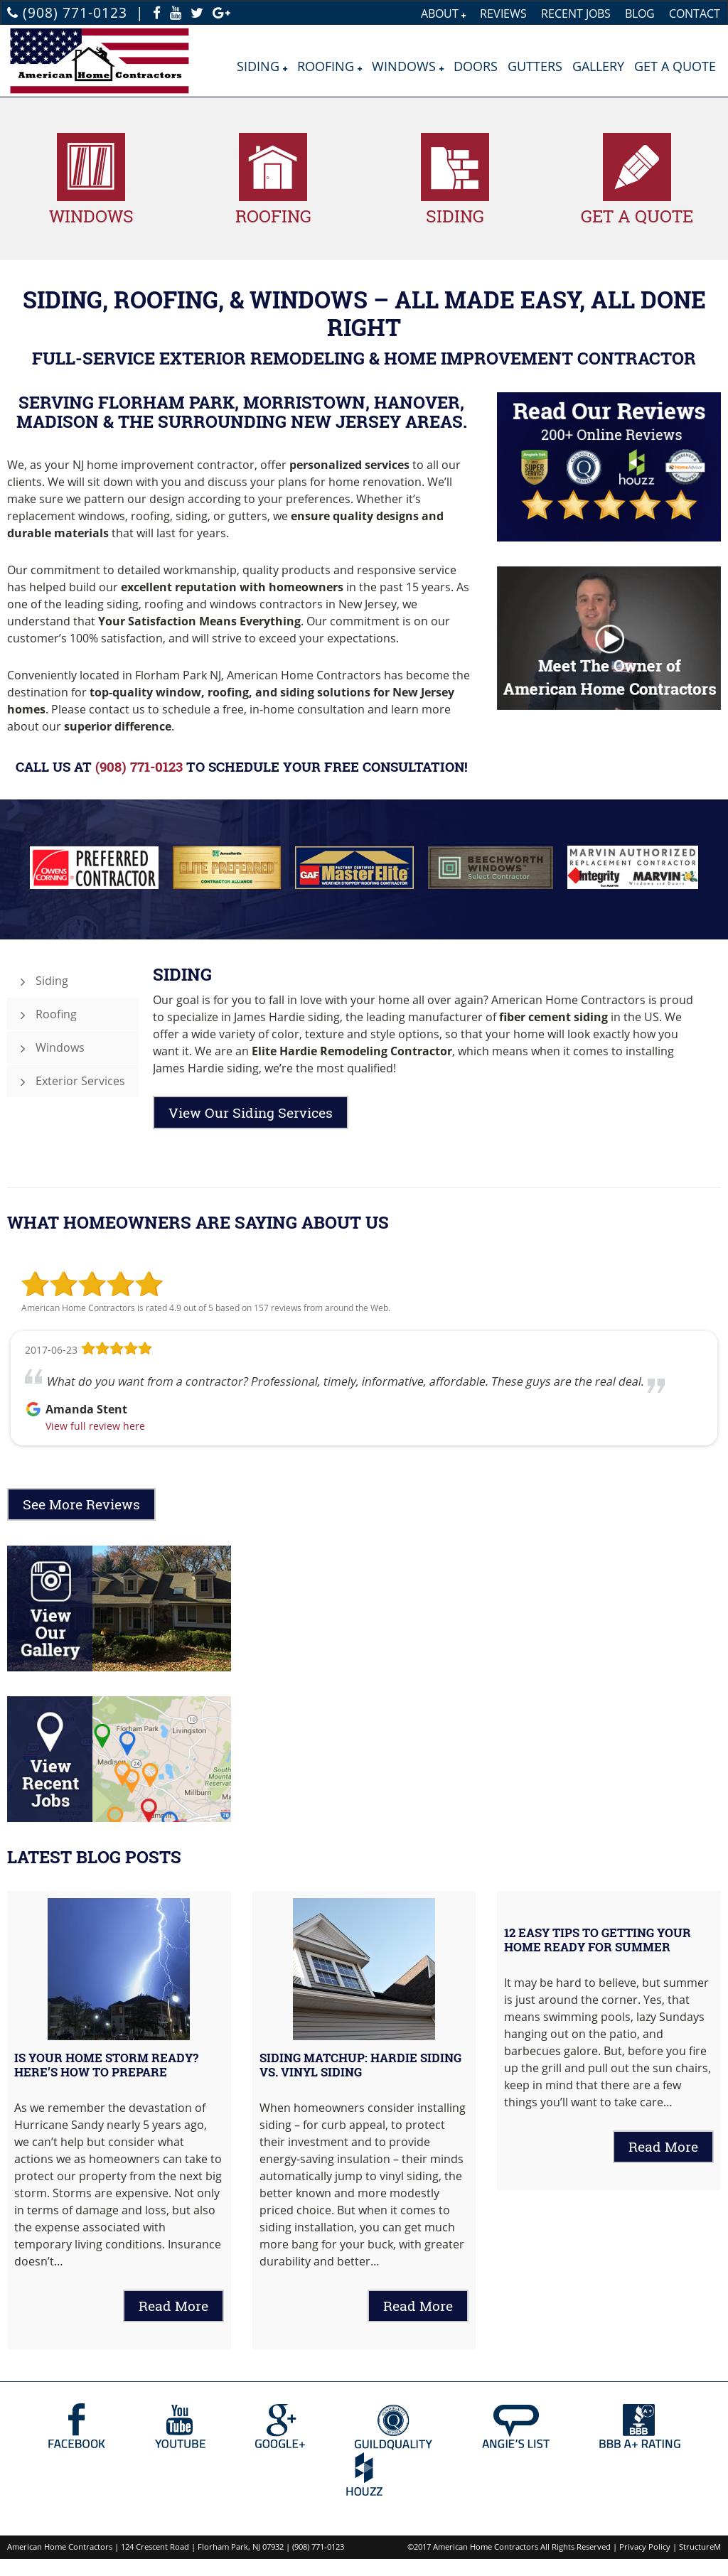 American Home Contractors 908 771 0123 S Website Screenshot On Jun 2017